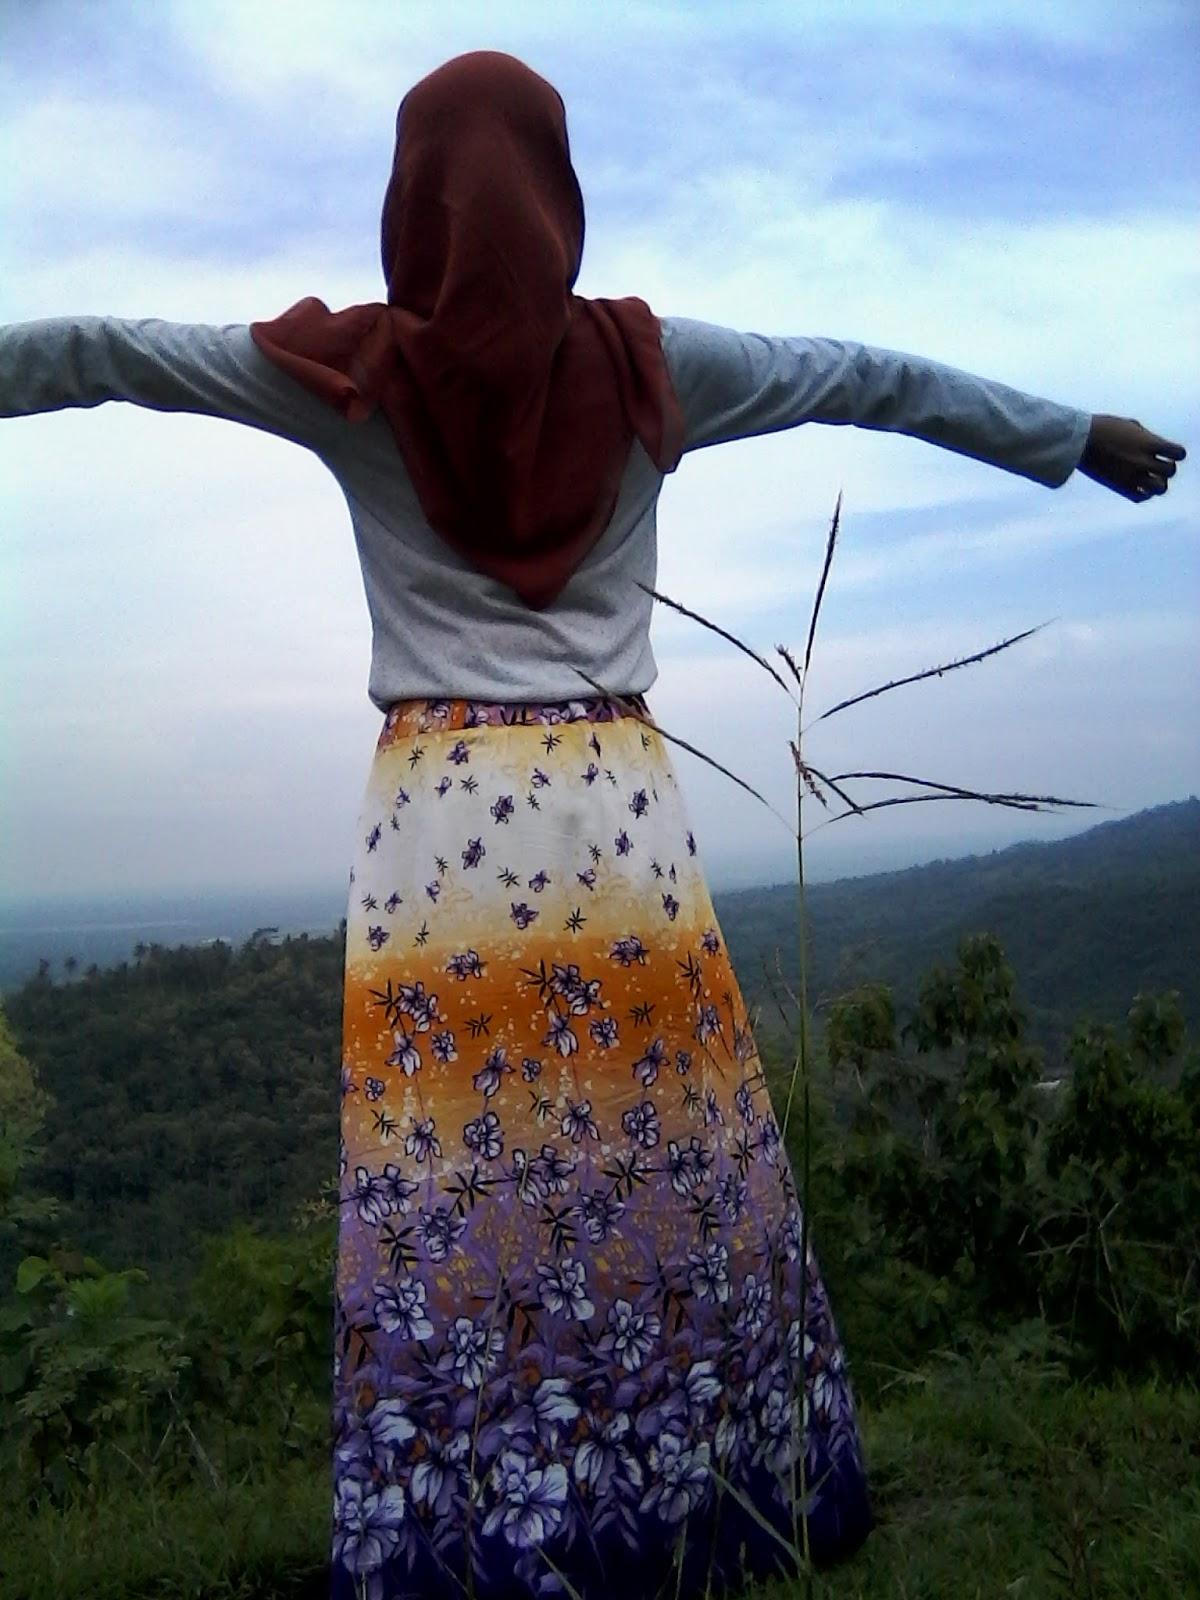 Gambar foto wanita dengan resolusi tinggi standart kamera digital